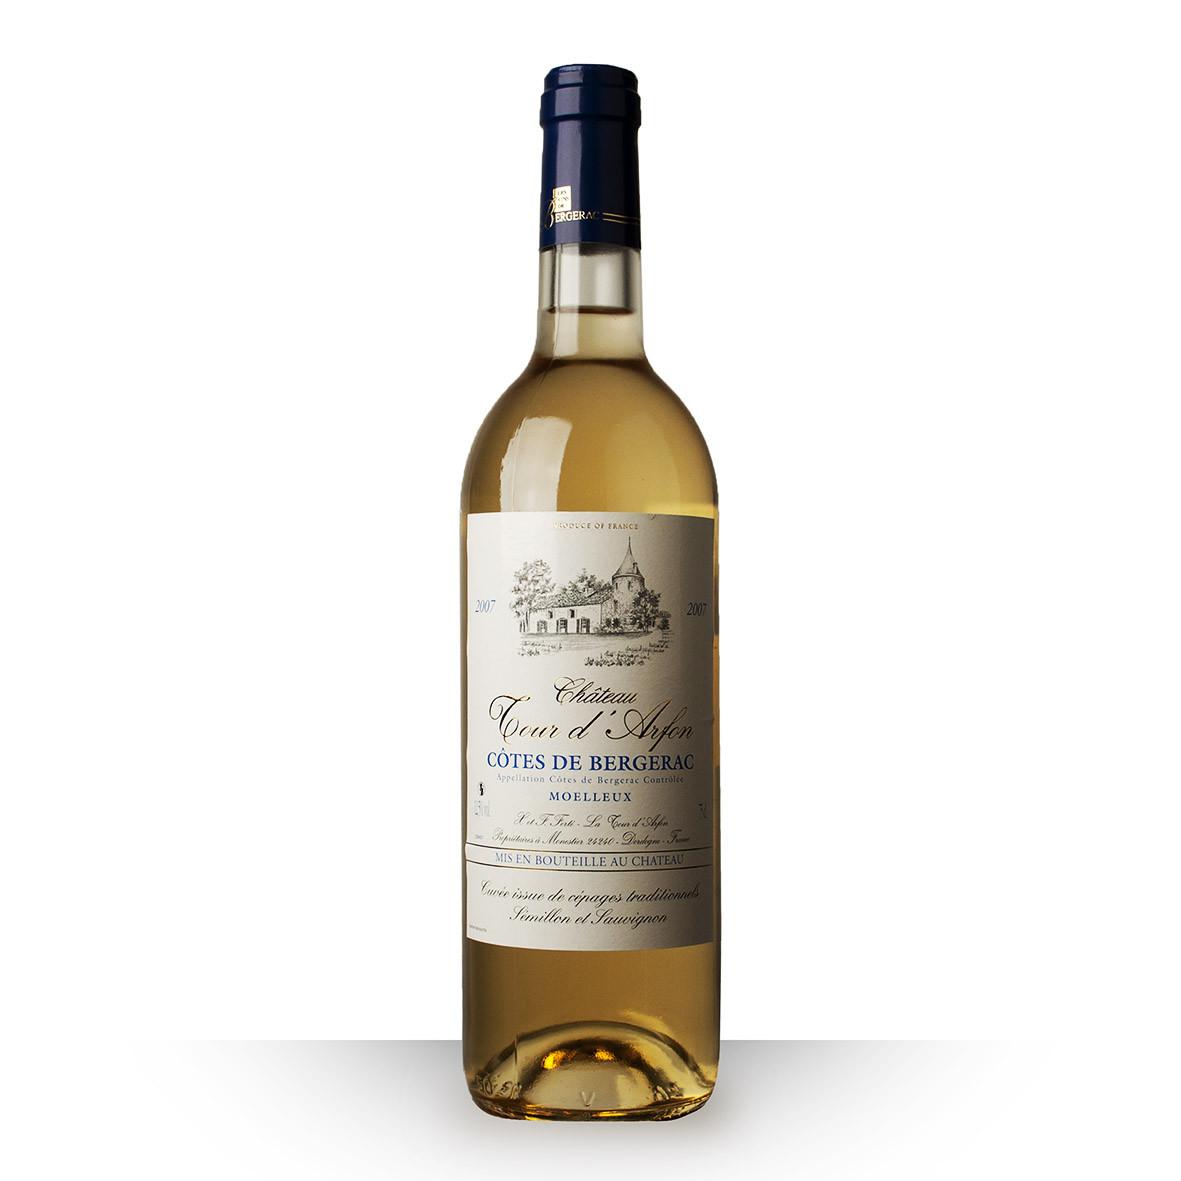 Château Tour dArfon Côtes de Bergerac Blanc 2007 75cl www.odyssee-vins.com